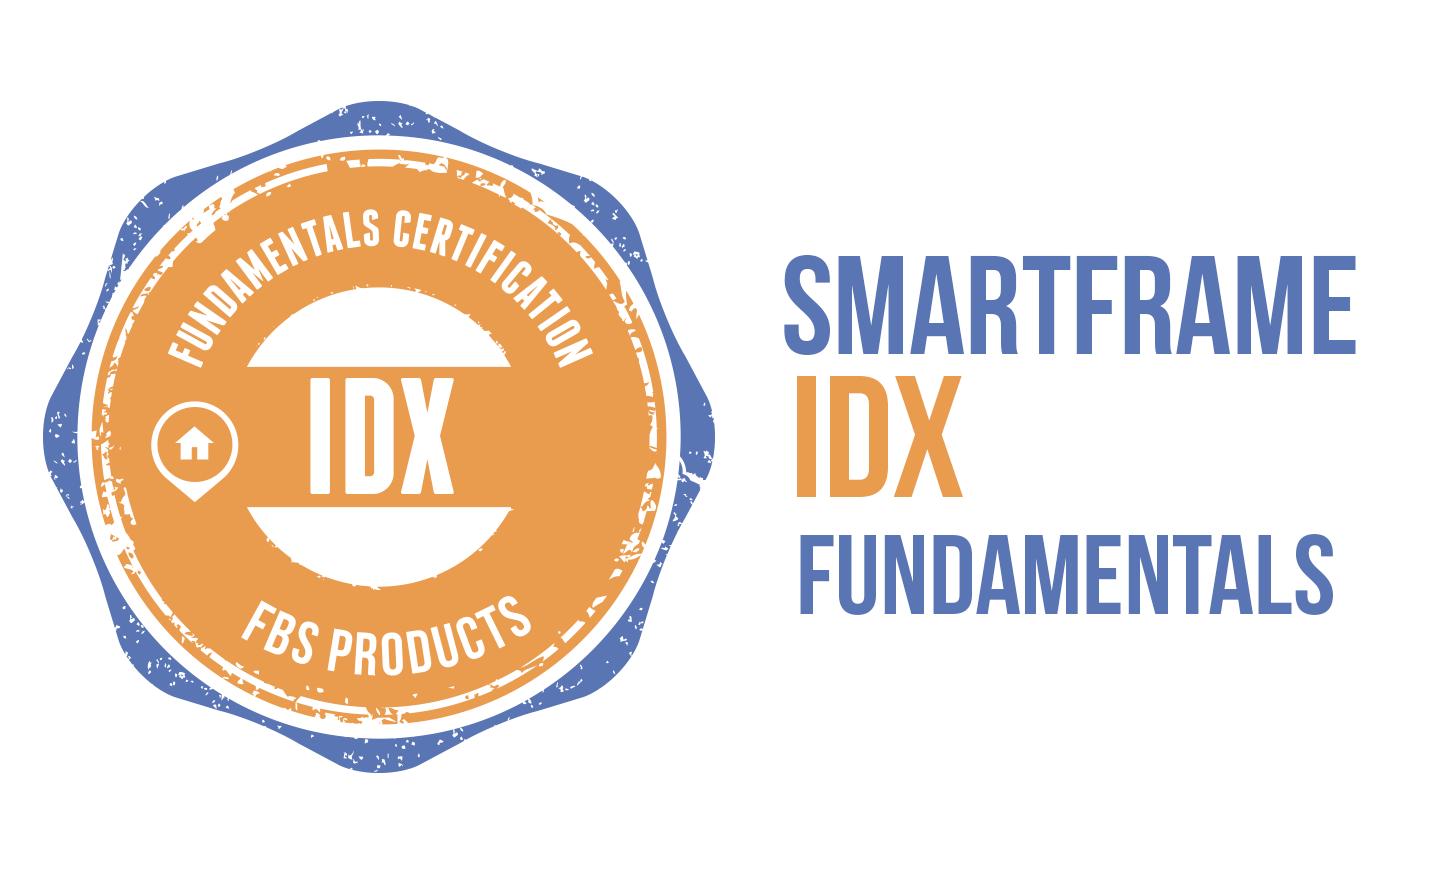 Idx fundamentals smartframe